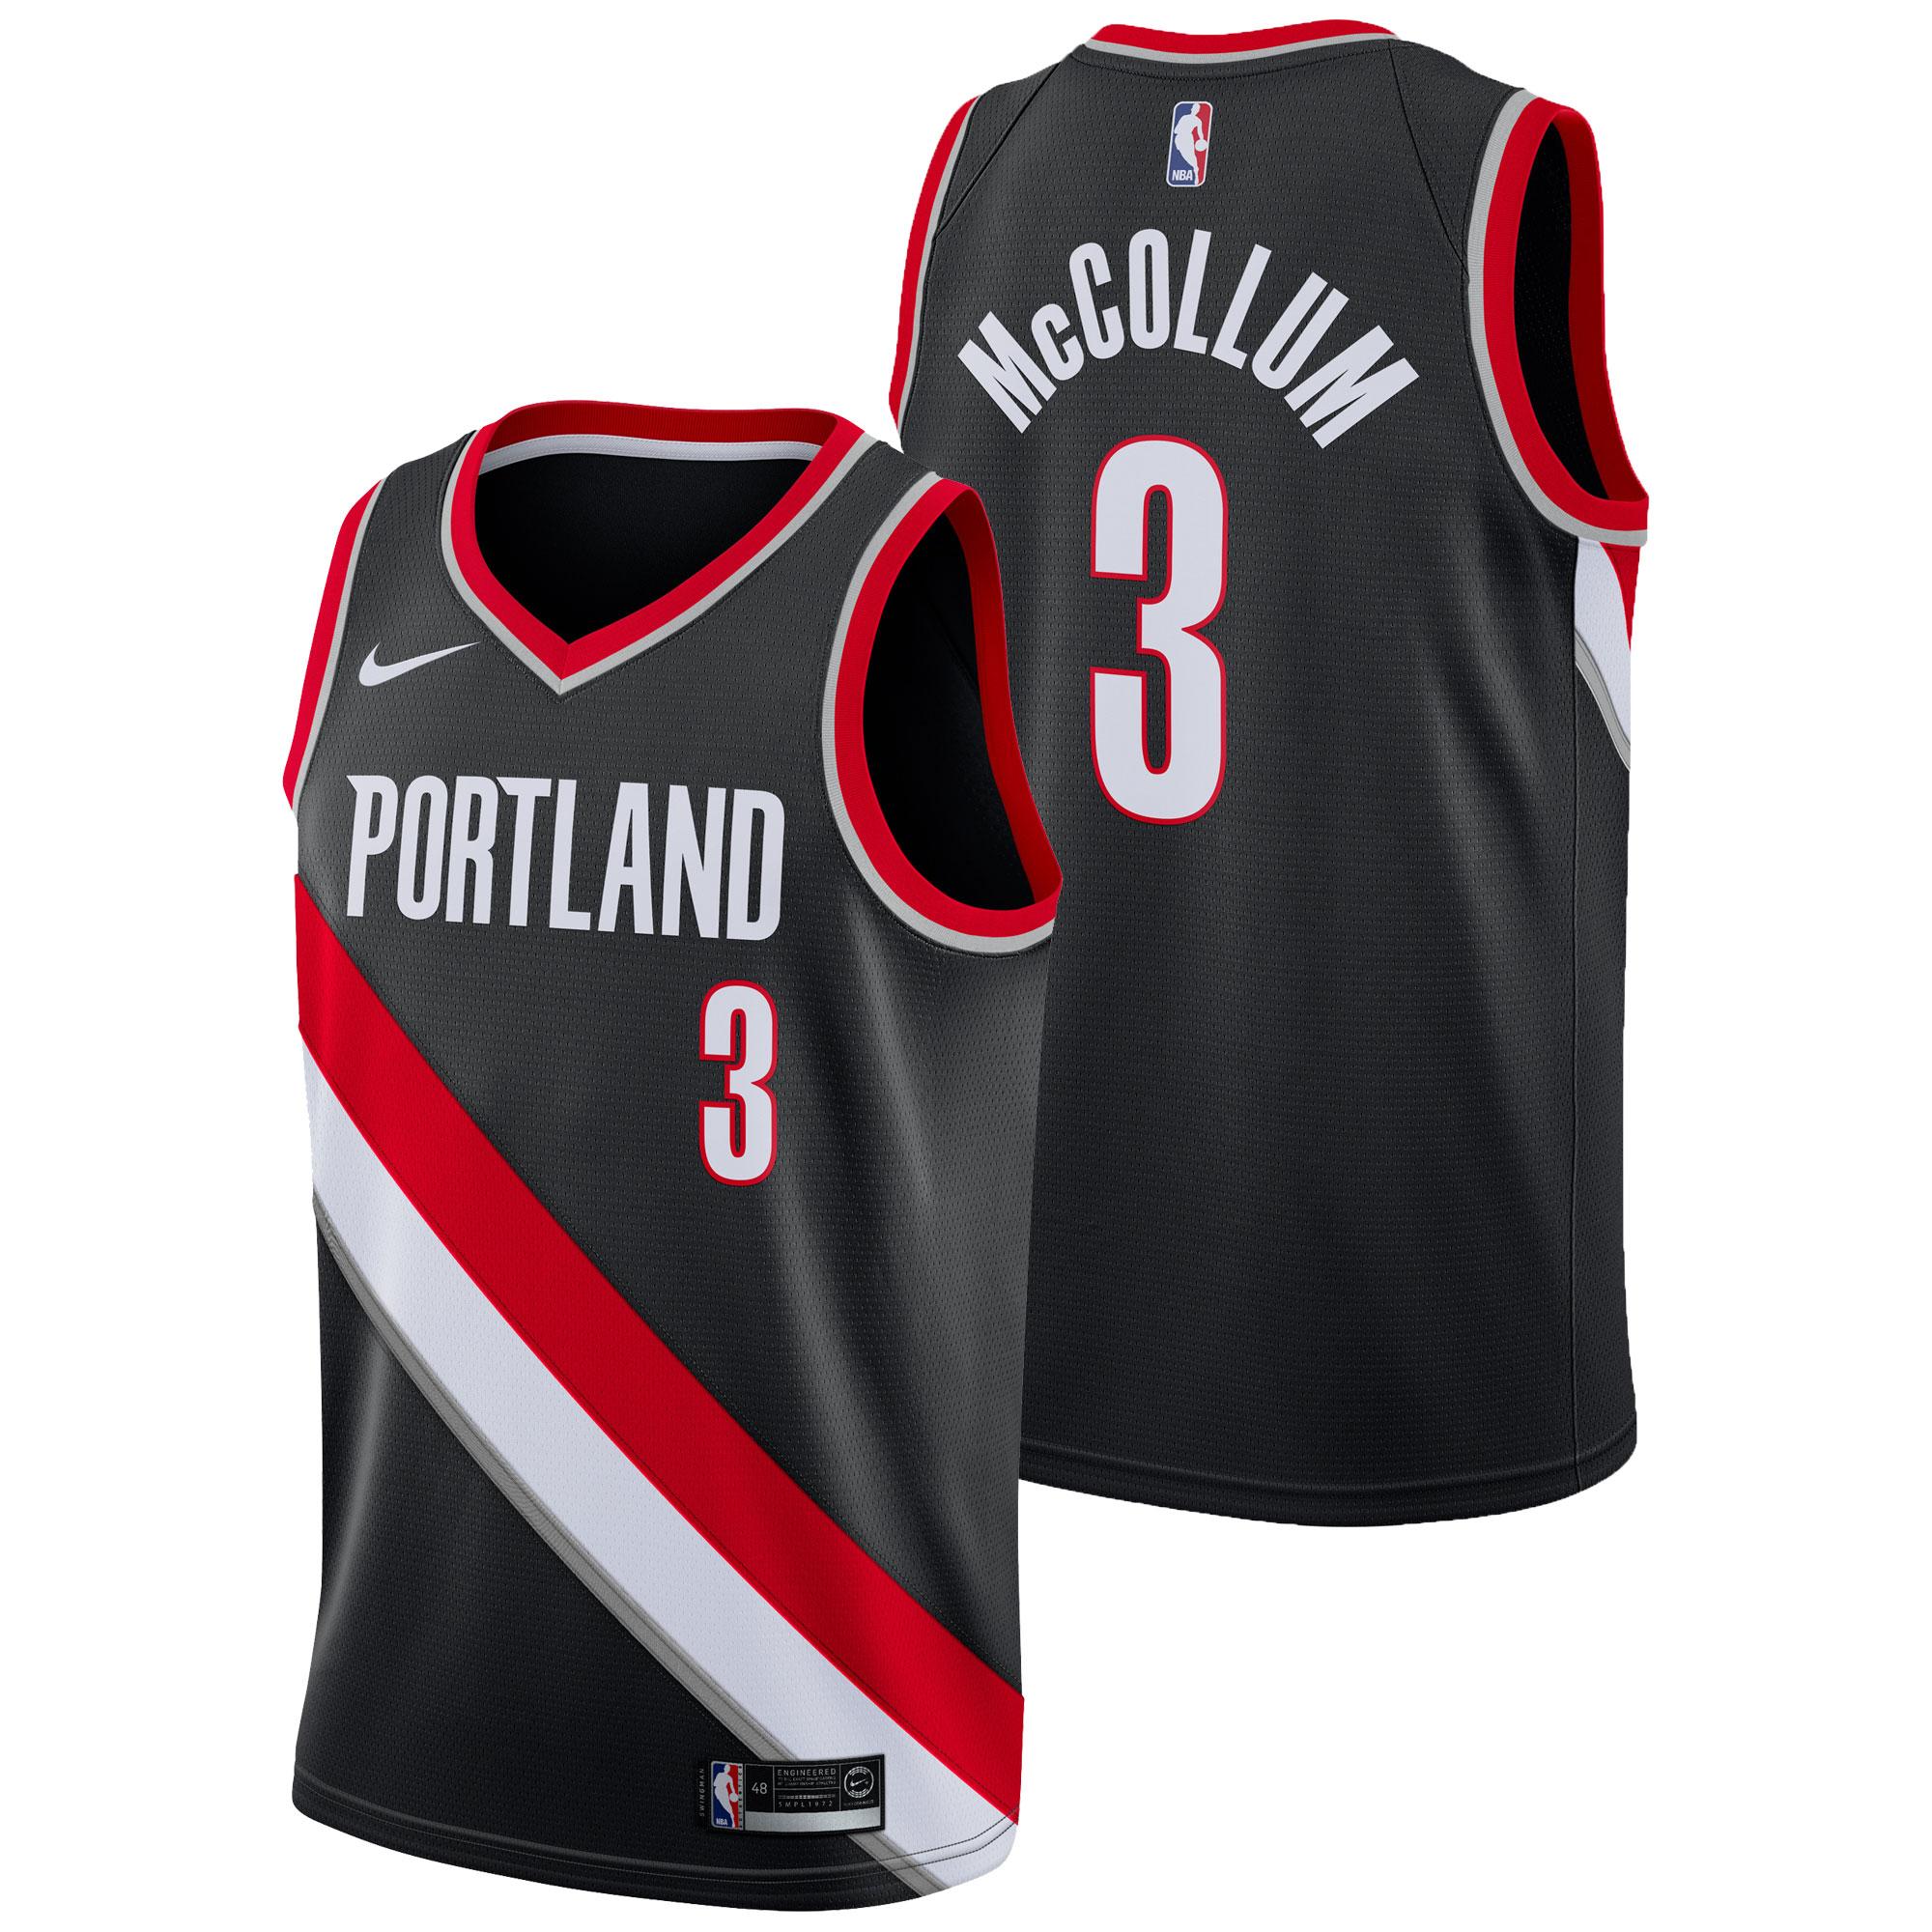 Portland Trail Blazers Nike Icon Swingman Camiseta de la NBA - CJ McCollum - Hombre